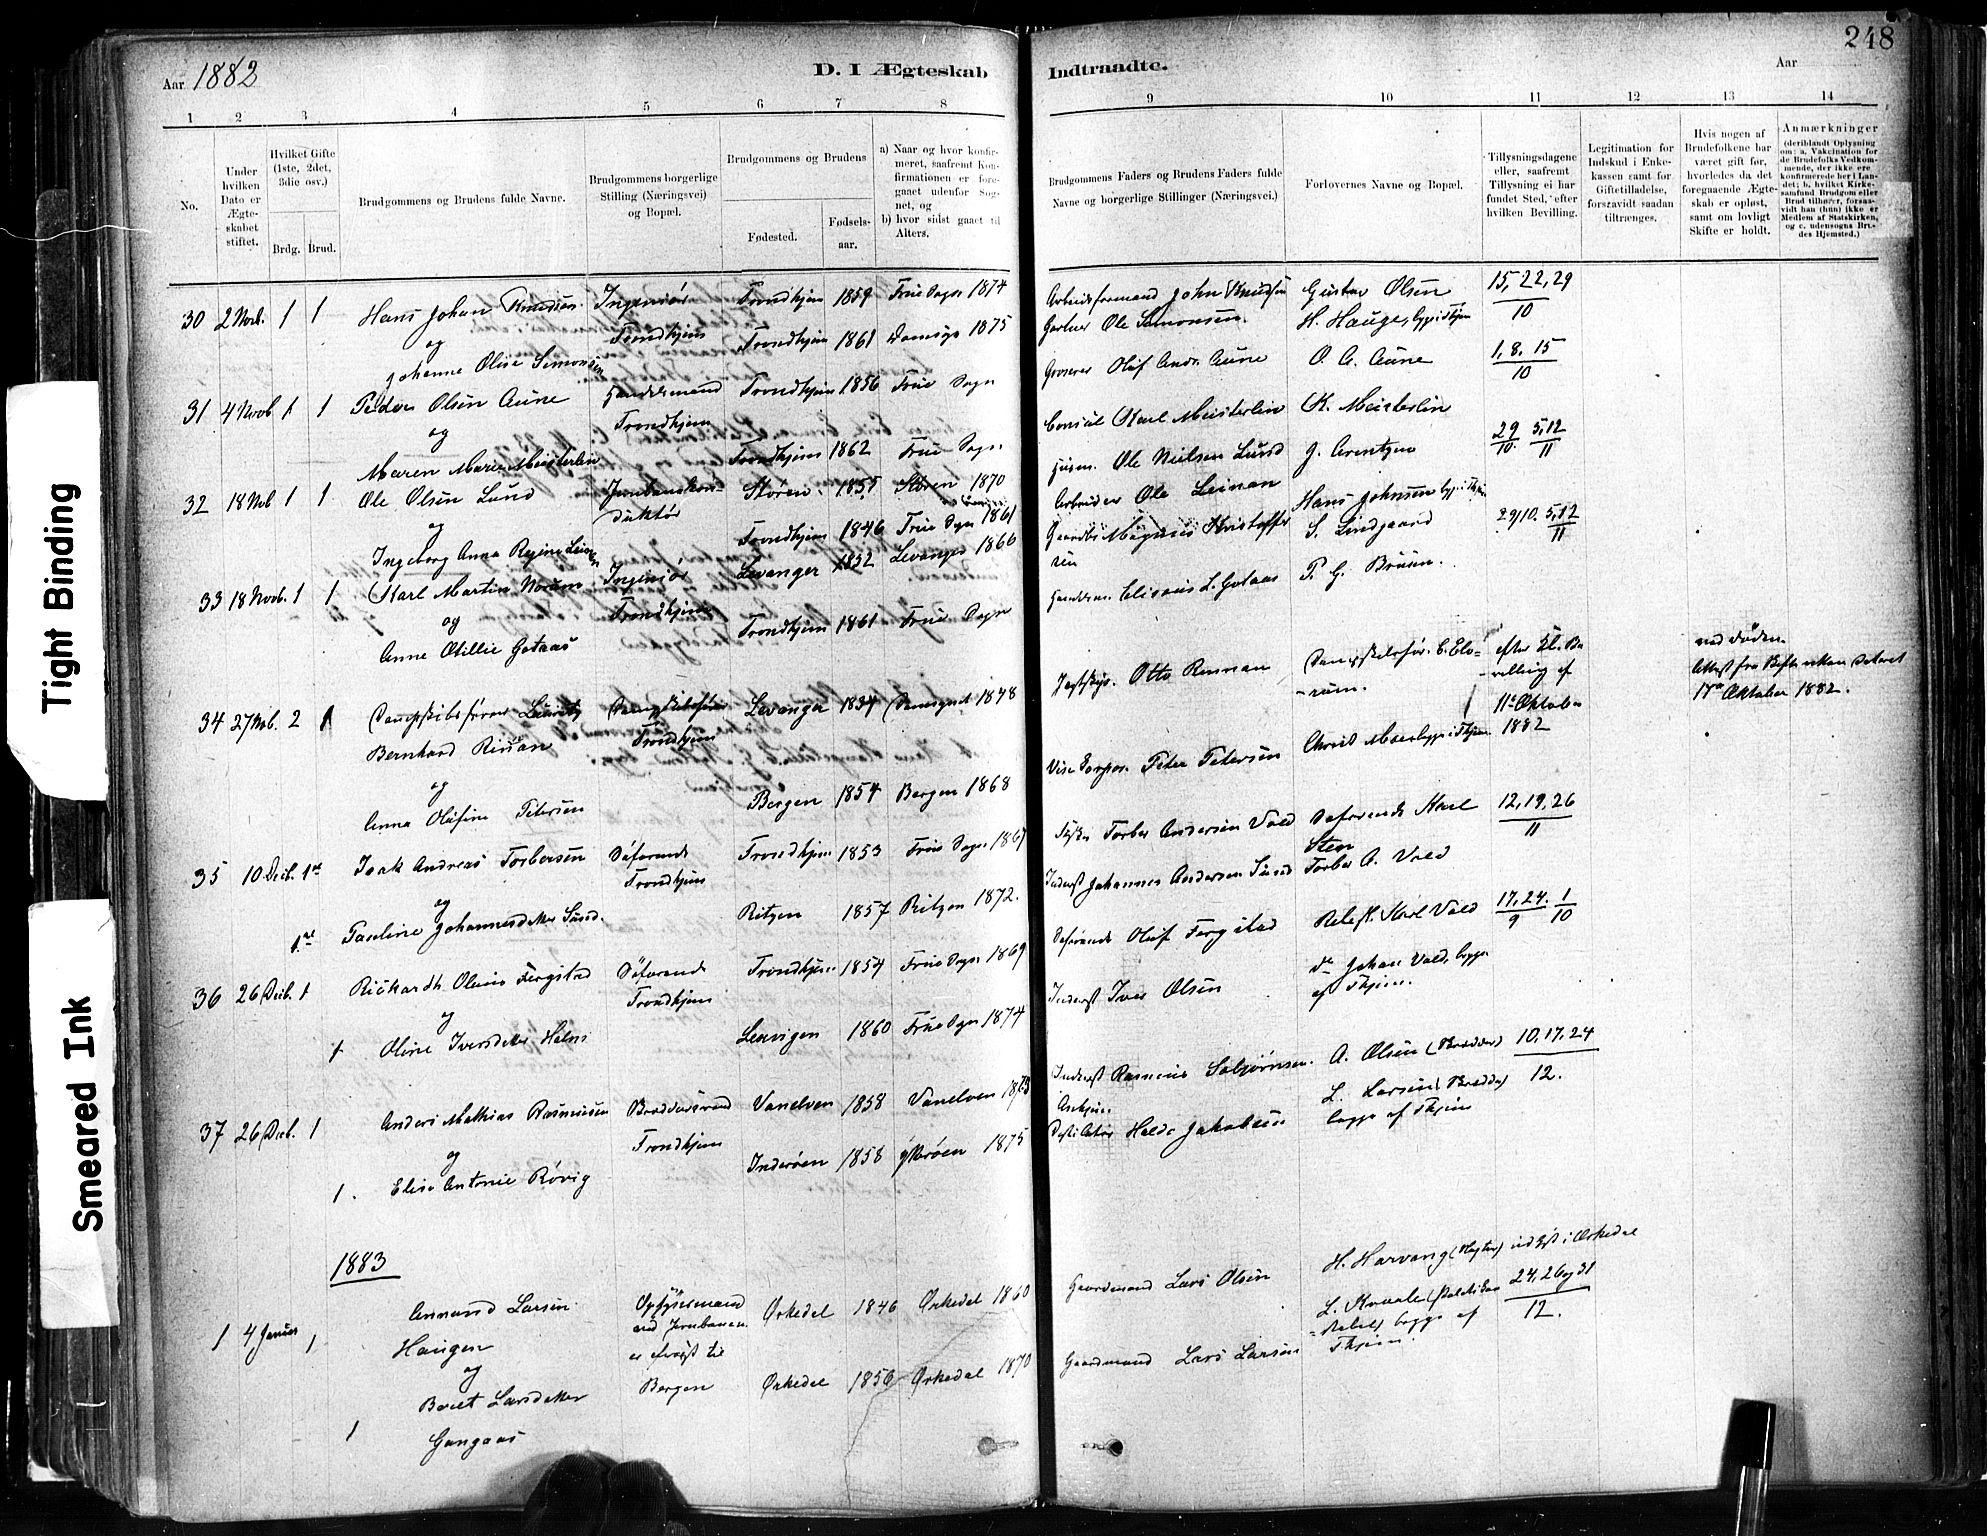 SAT, Ministerialprotokoller, klokkerbøker og fødselsregistre - Sør-Trøndelag, 602/L0119: Ministerialbok nr. 602A17, 1880-1901, s. 248